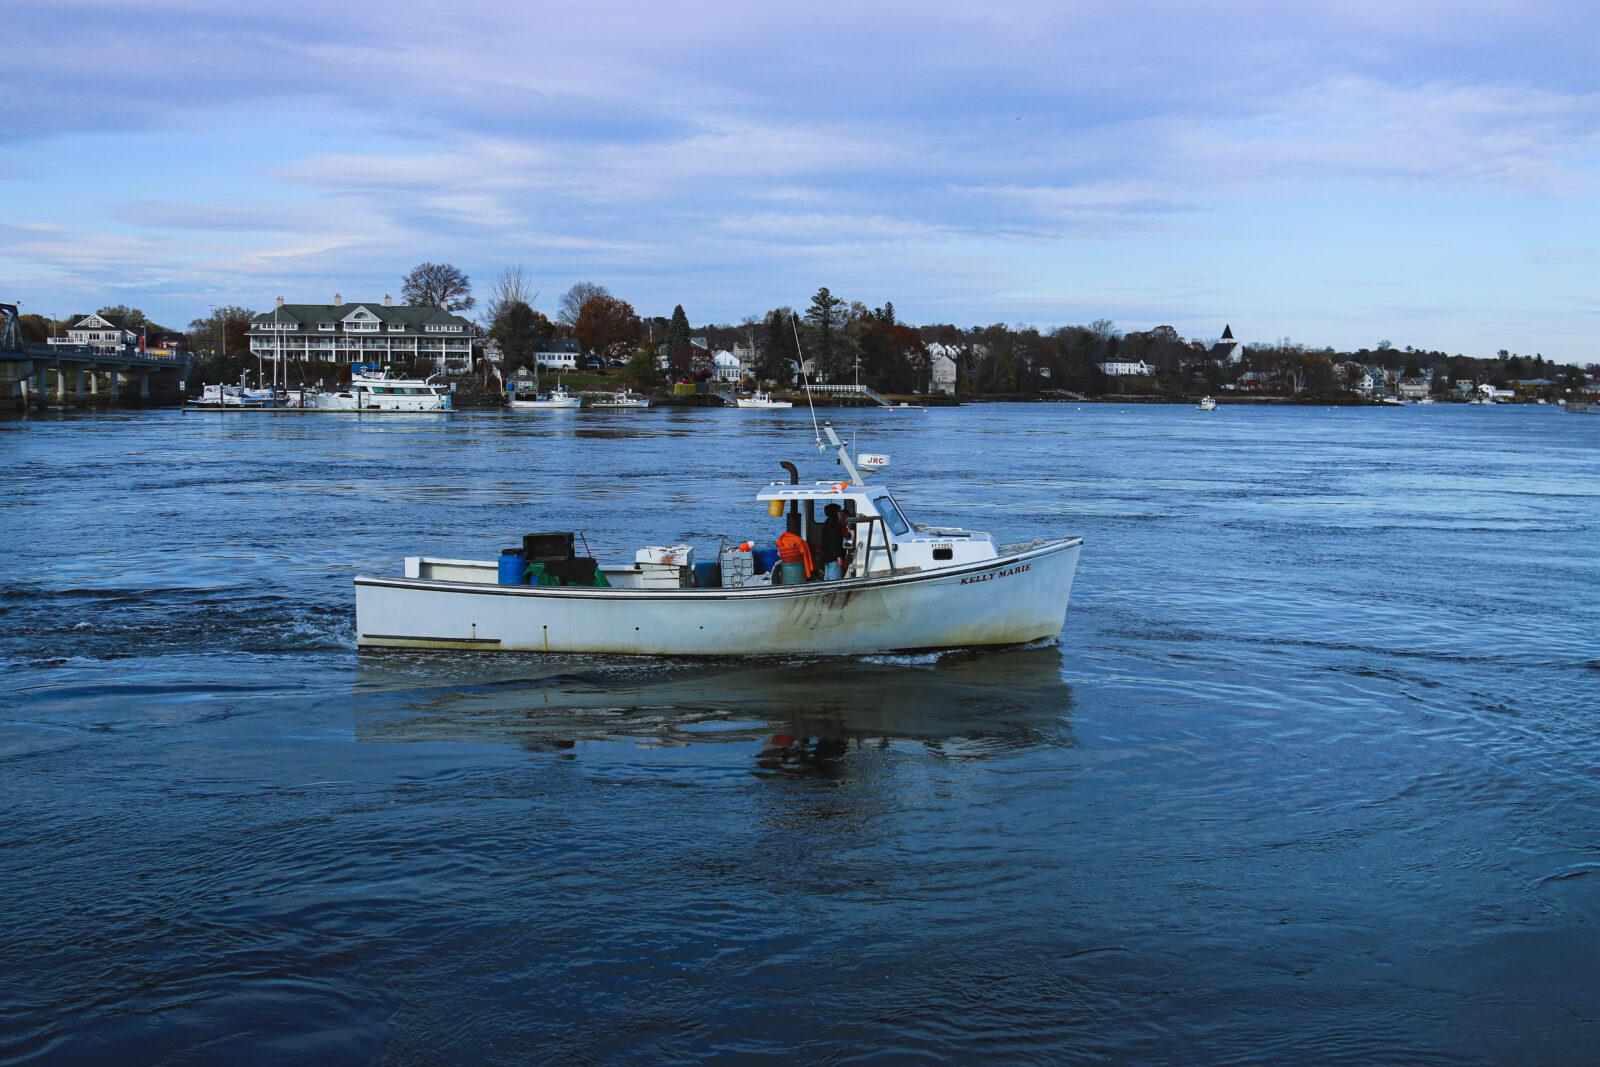 Havfiskeri fra fiskekutter anset som erhvervsmæssig virksomhed i skattemæssig henseende